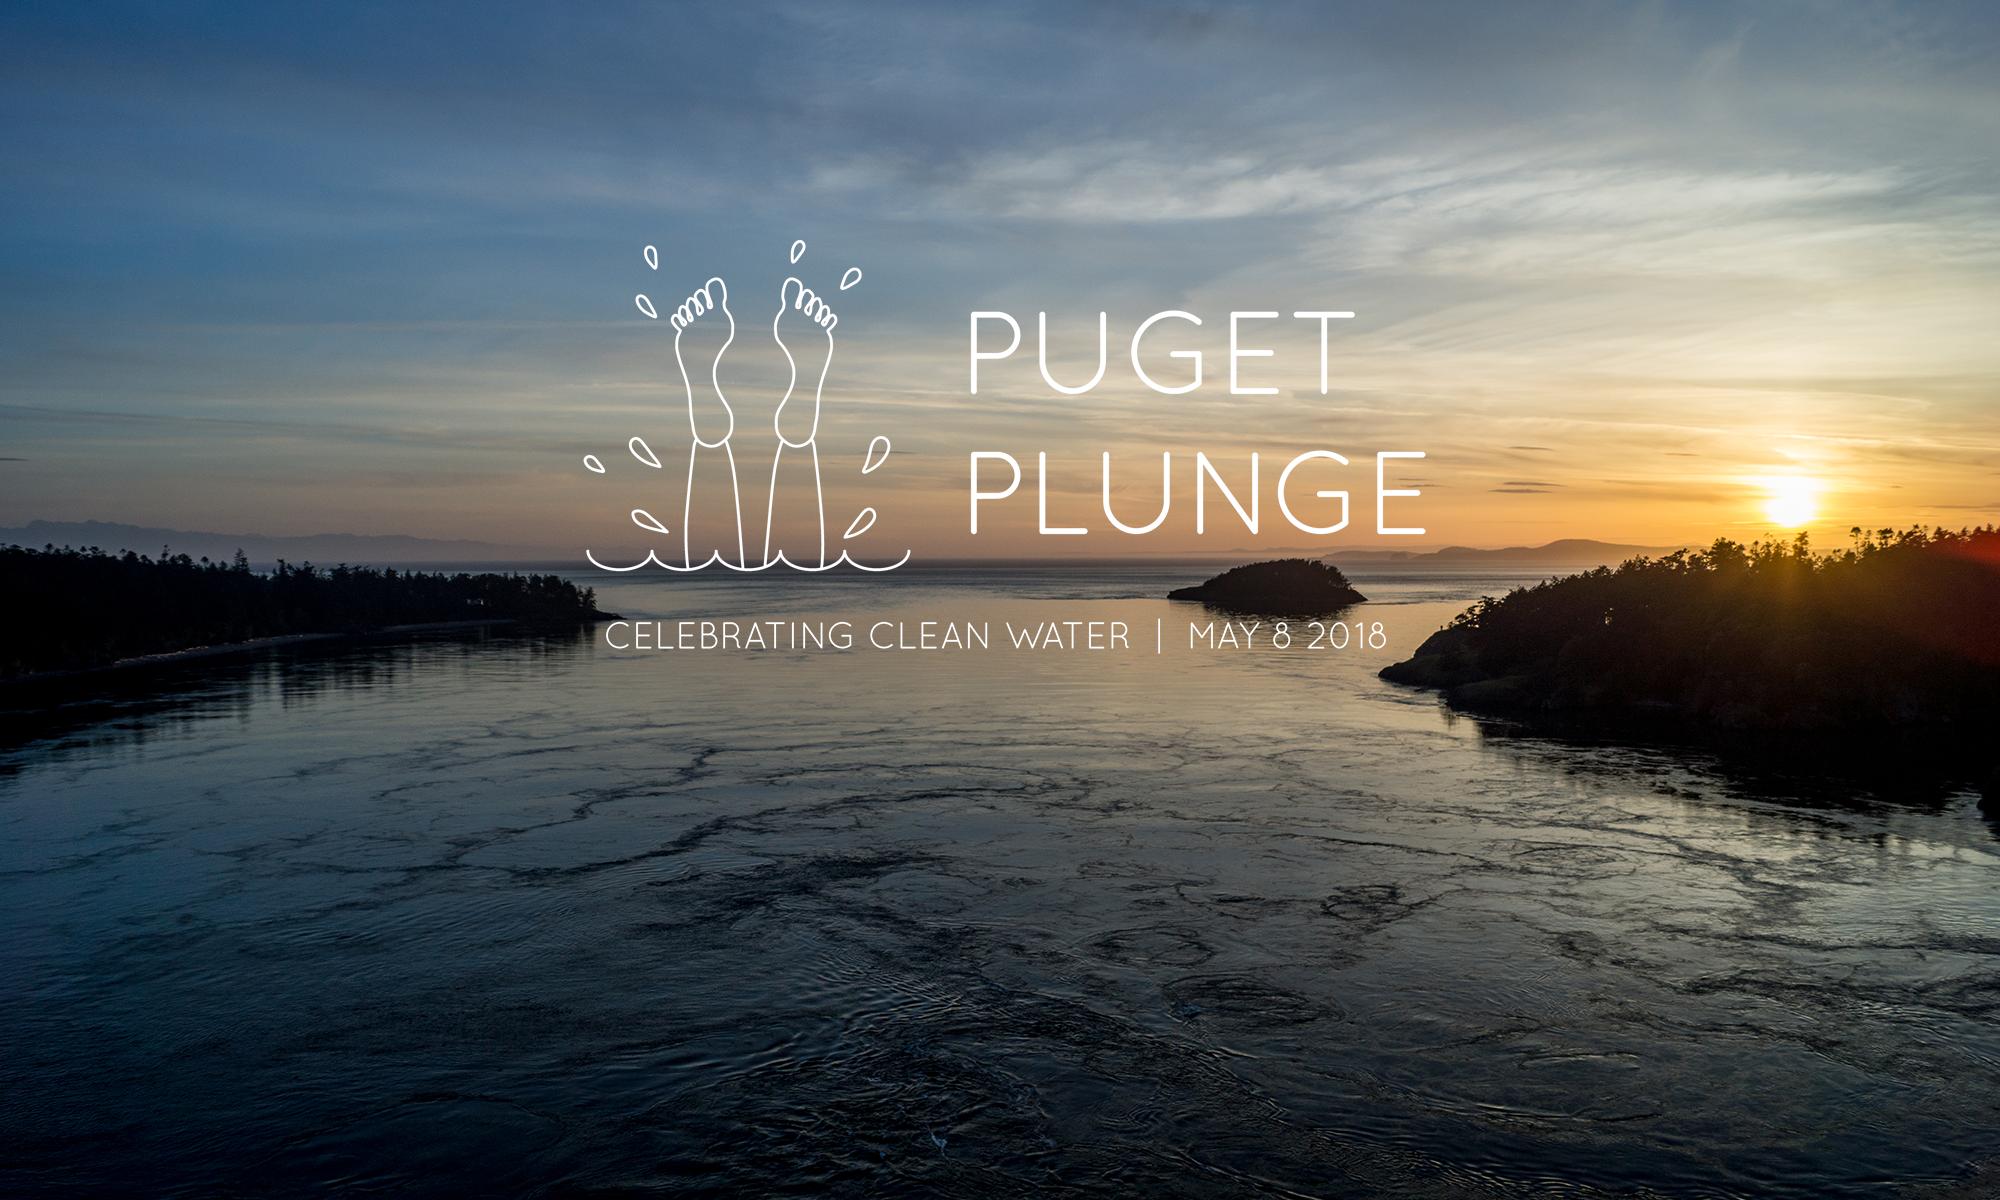 Puget Plunge